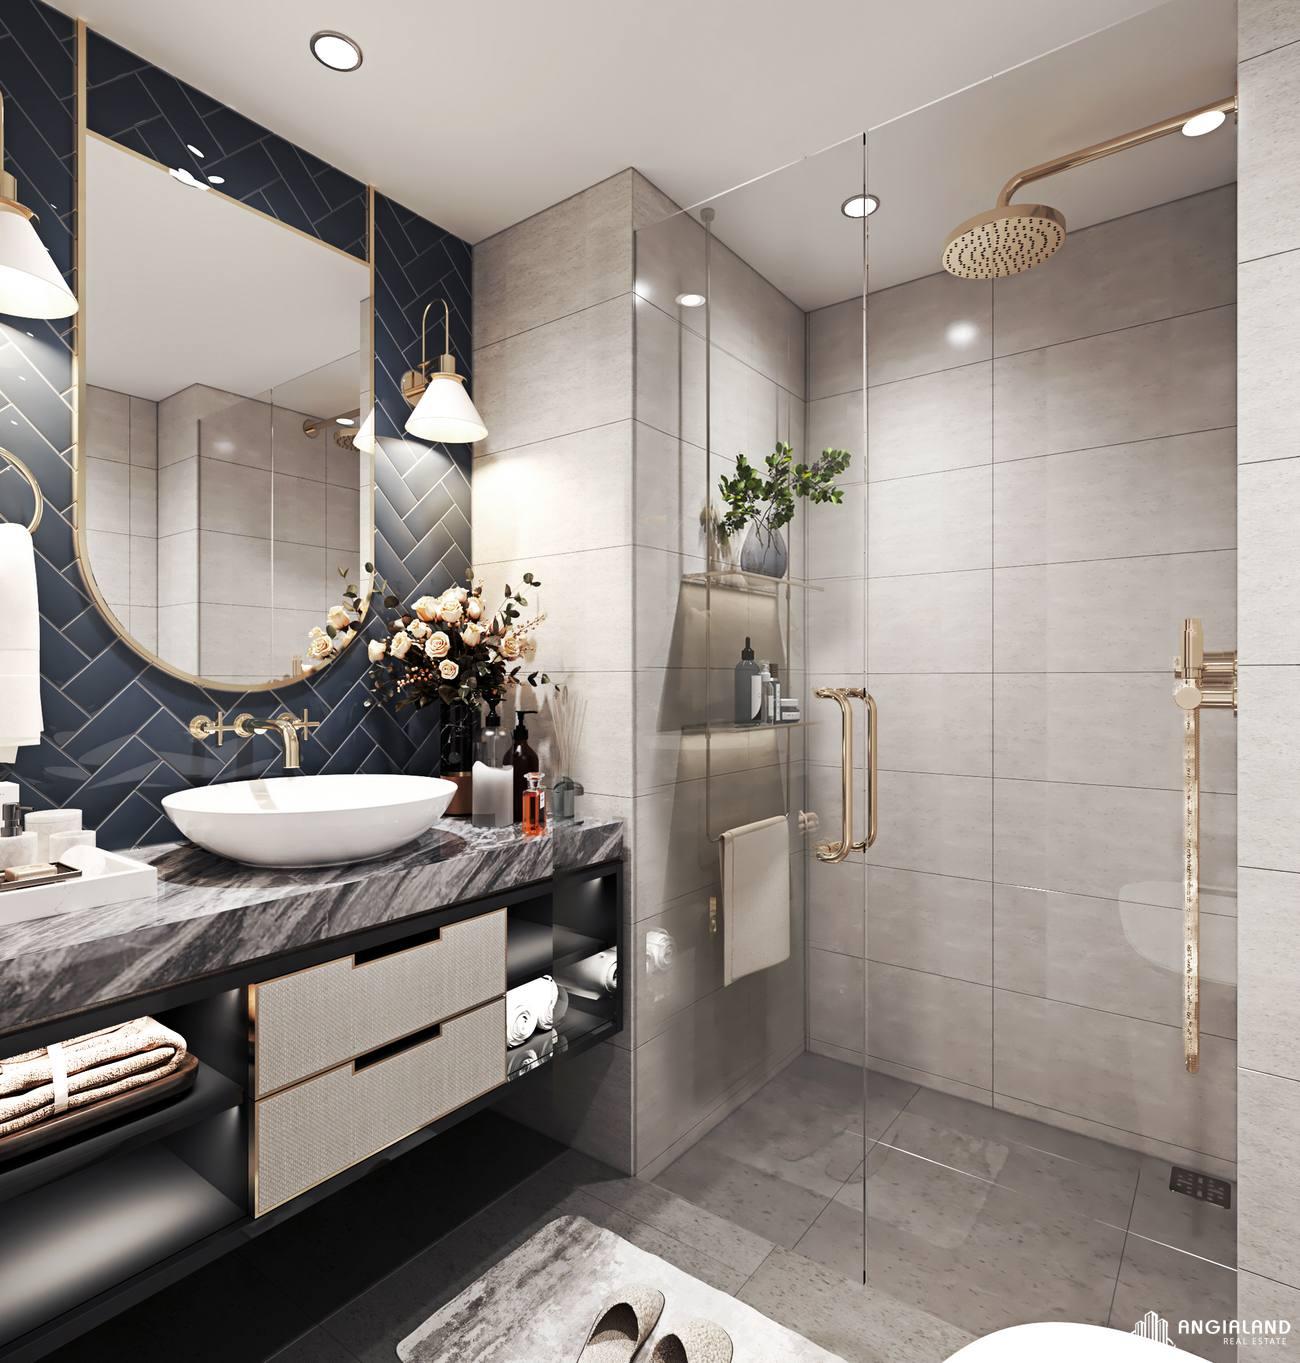 Thiết kế vệ sinh nhà mẫu căn hộ 1 phòng ngủ Asiana Đà Nẵng